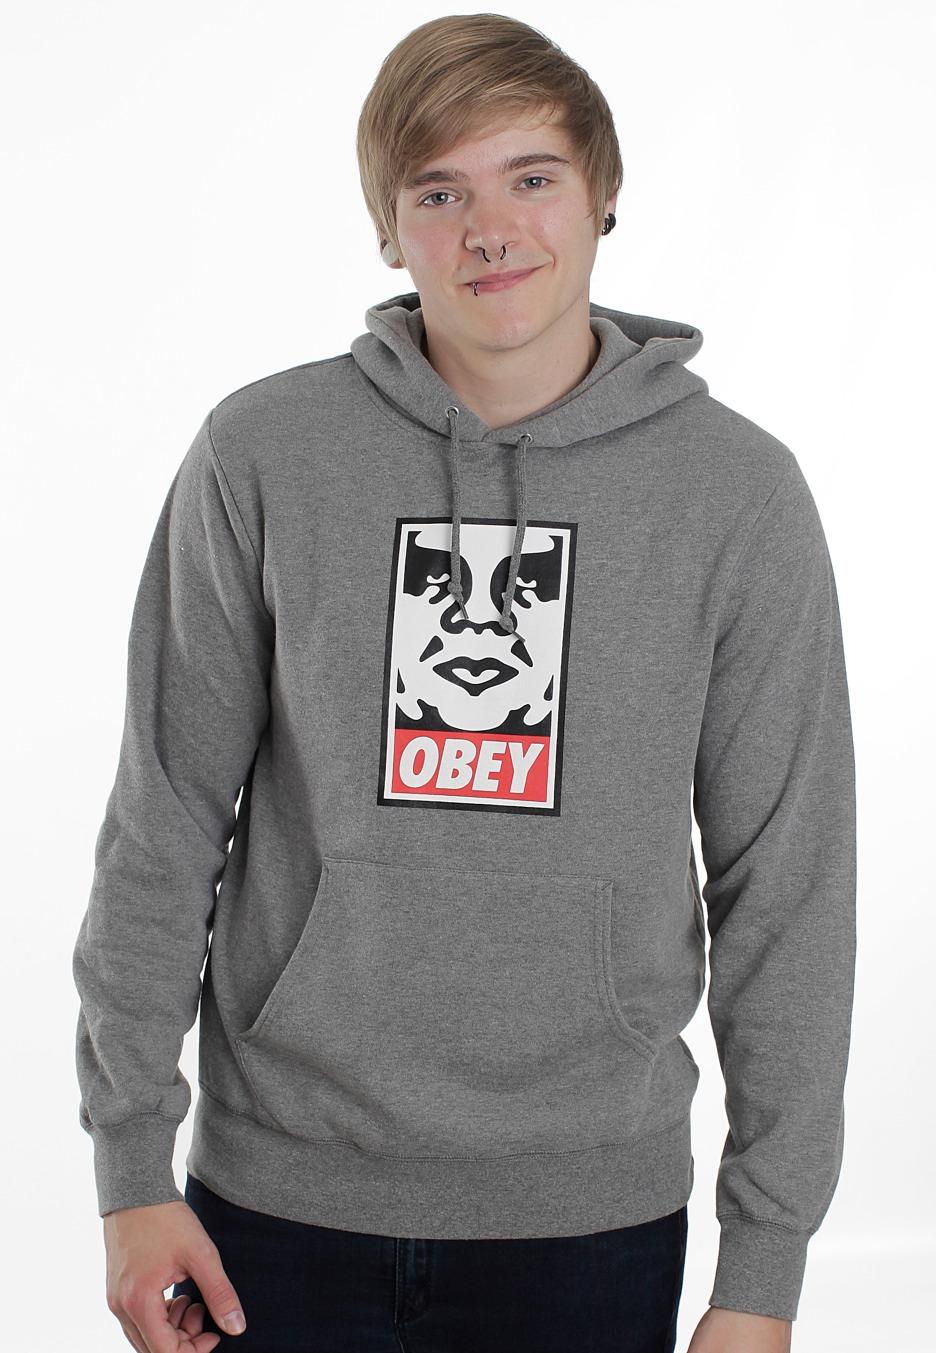 obey_ogface_greyheather_hoodie_lg Cвитшоты swag